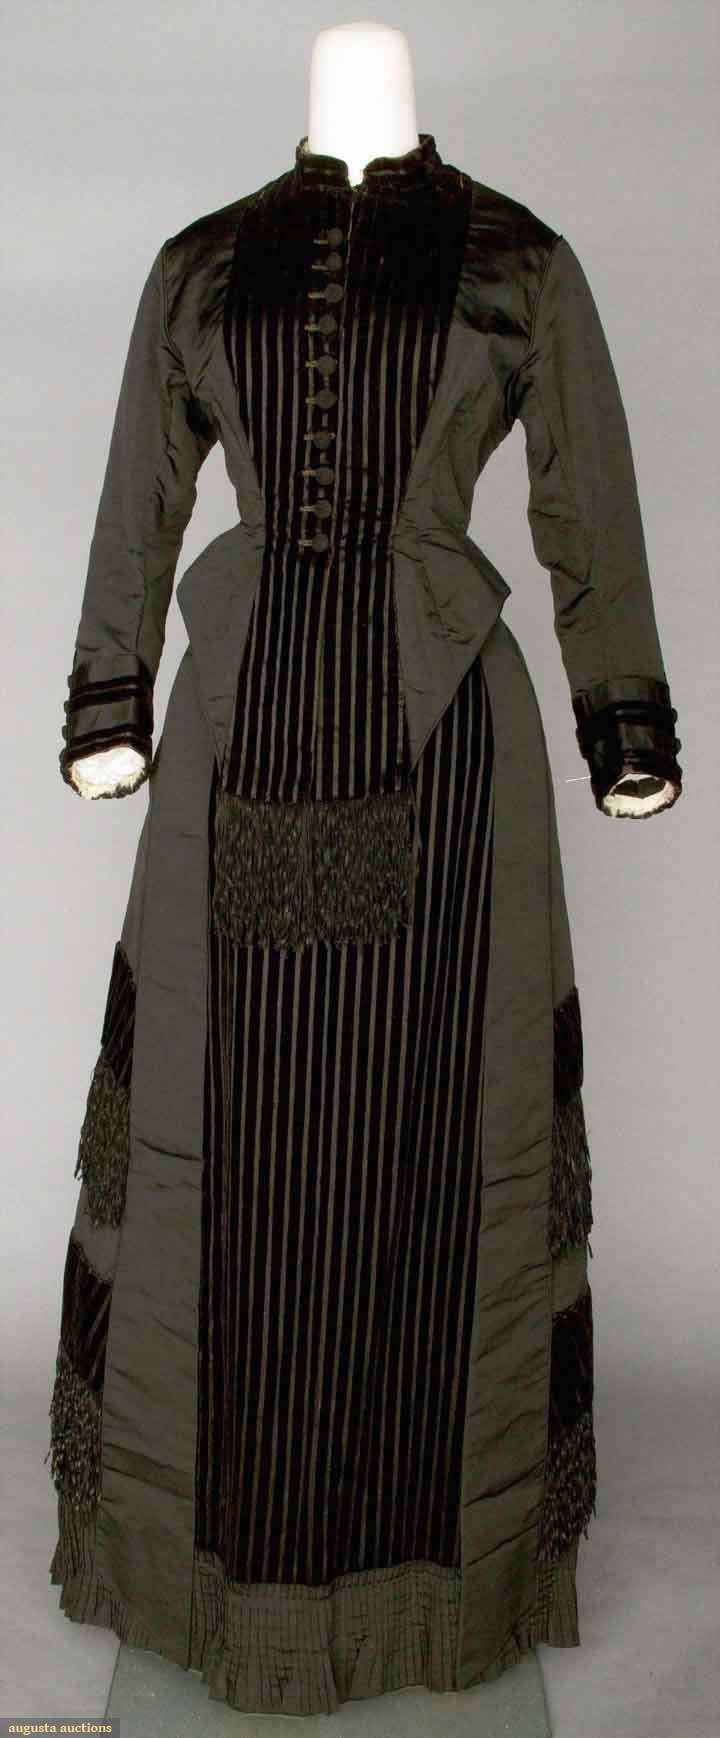 BLACK SILK DINNER DRESS, 1878 2-piece silk faille, skirt & bodice w/ panels of woven velvet stripes & crimped silk fringe, bodice w/ long back peplum trimmed w/ bows, white tulle sleeve & neck ruffles.